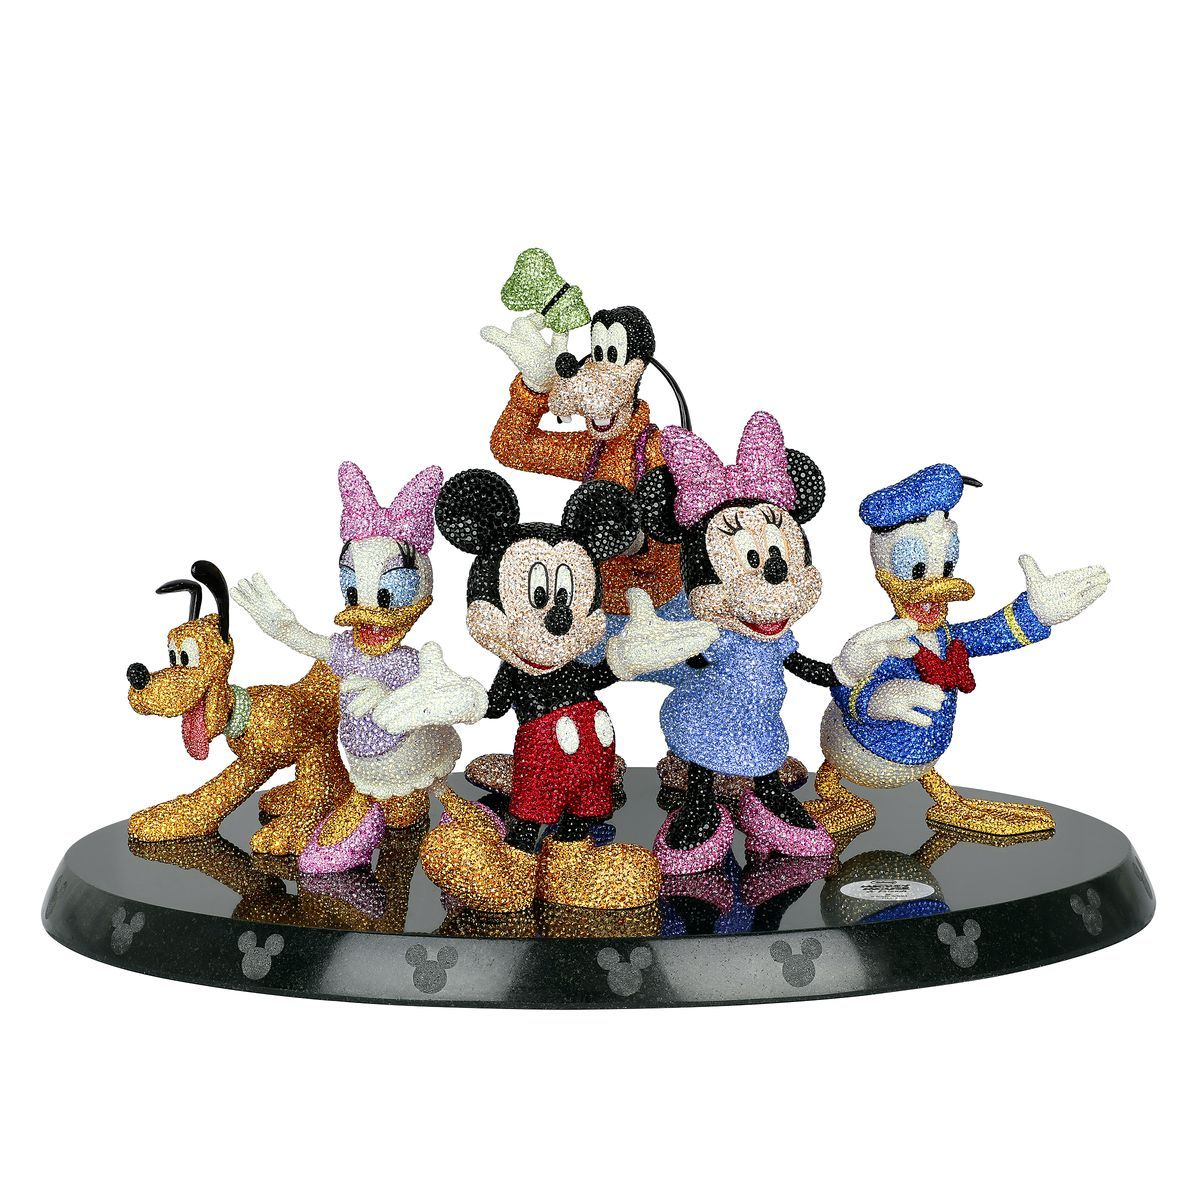 朴信惠最愛的迪士尼人物是?施華洛世奇「米奇90週年」限定首飾、鑰匙圈... 還有閃亮亮手機殼!